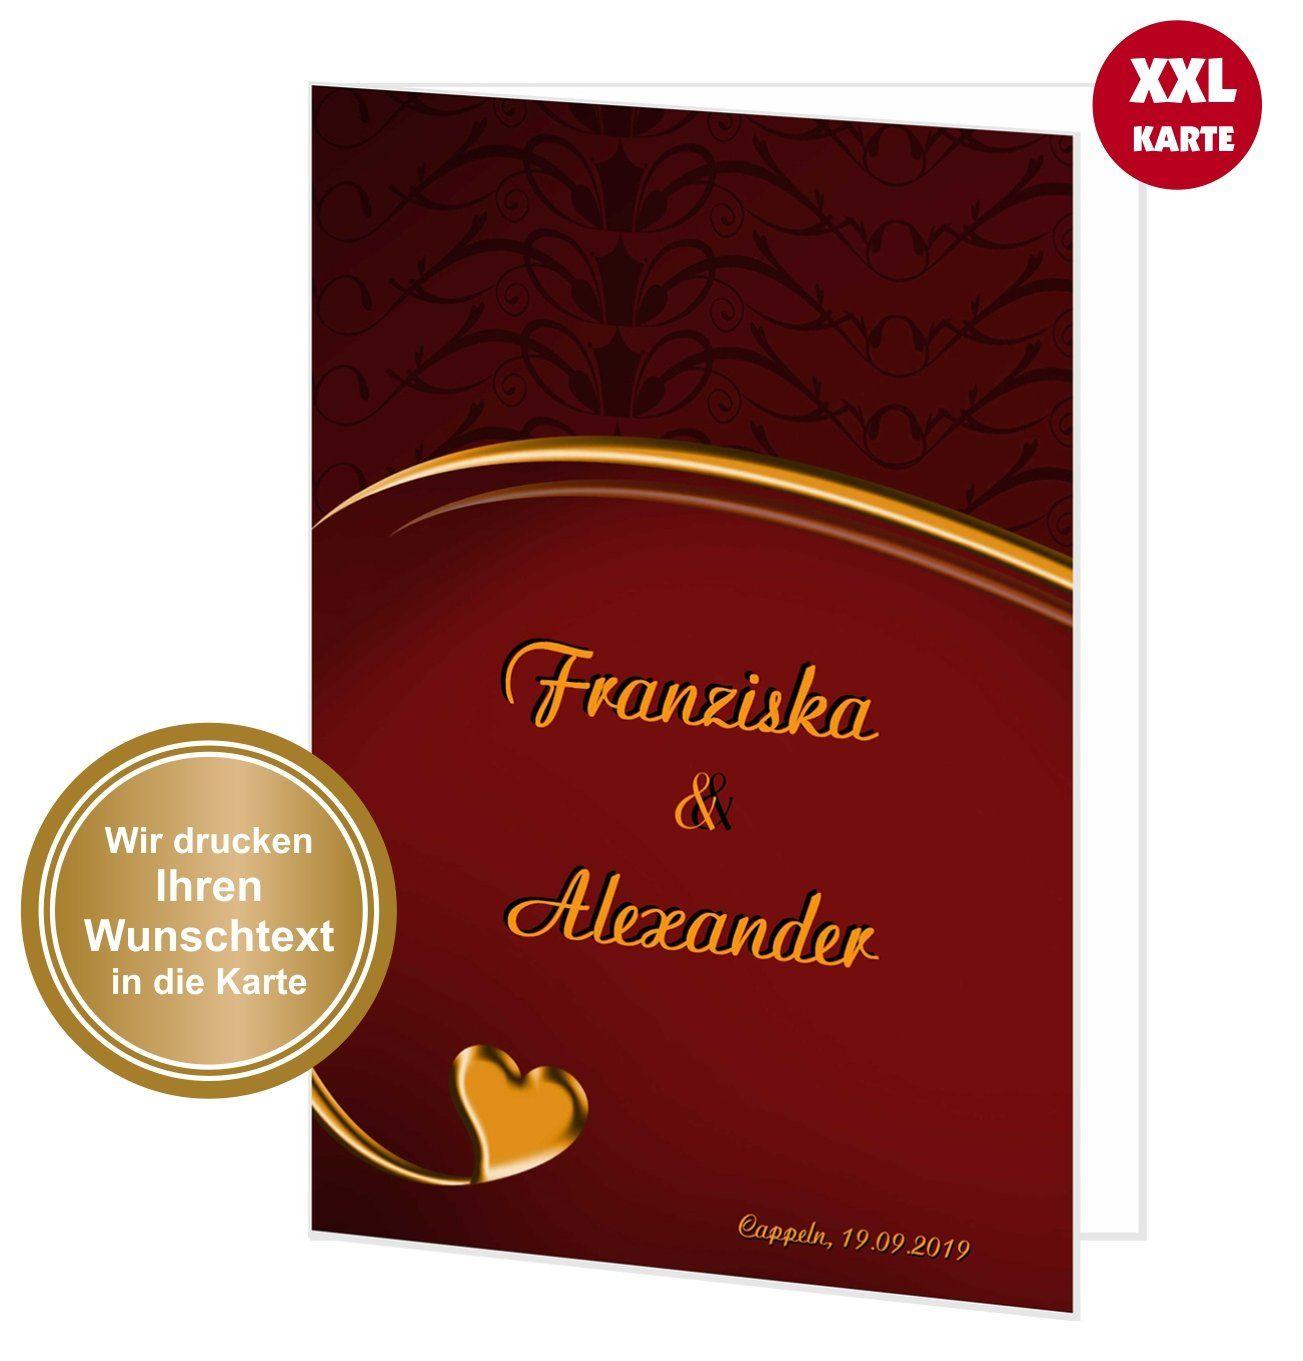 Xxl Gluckwunschkarte Hochzeit Herz Geschwungen Xxl Karten Hochzeit